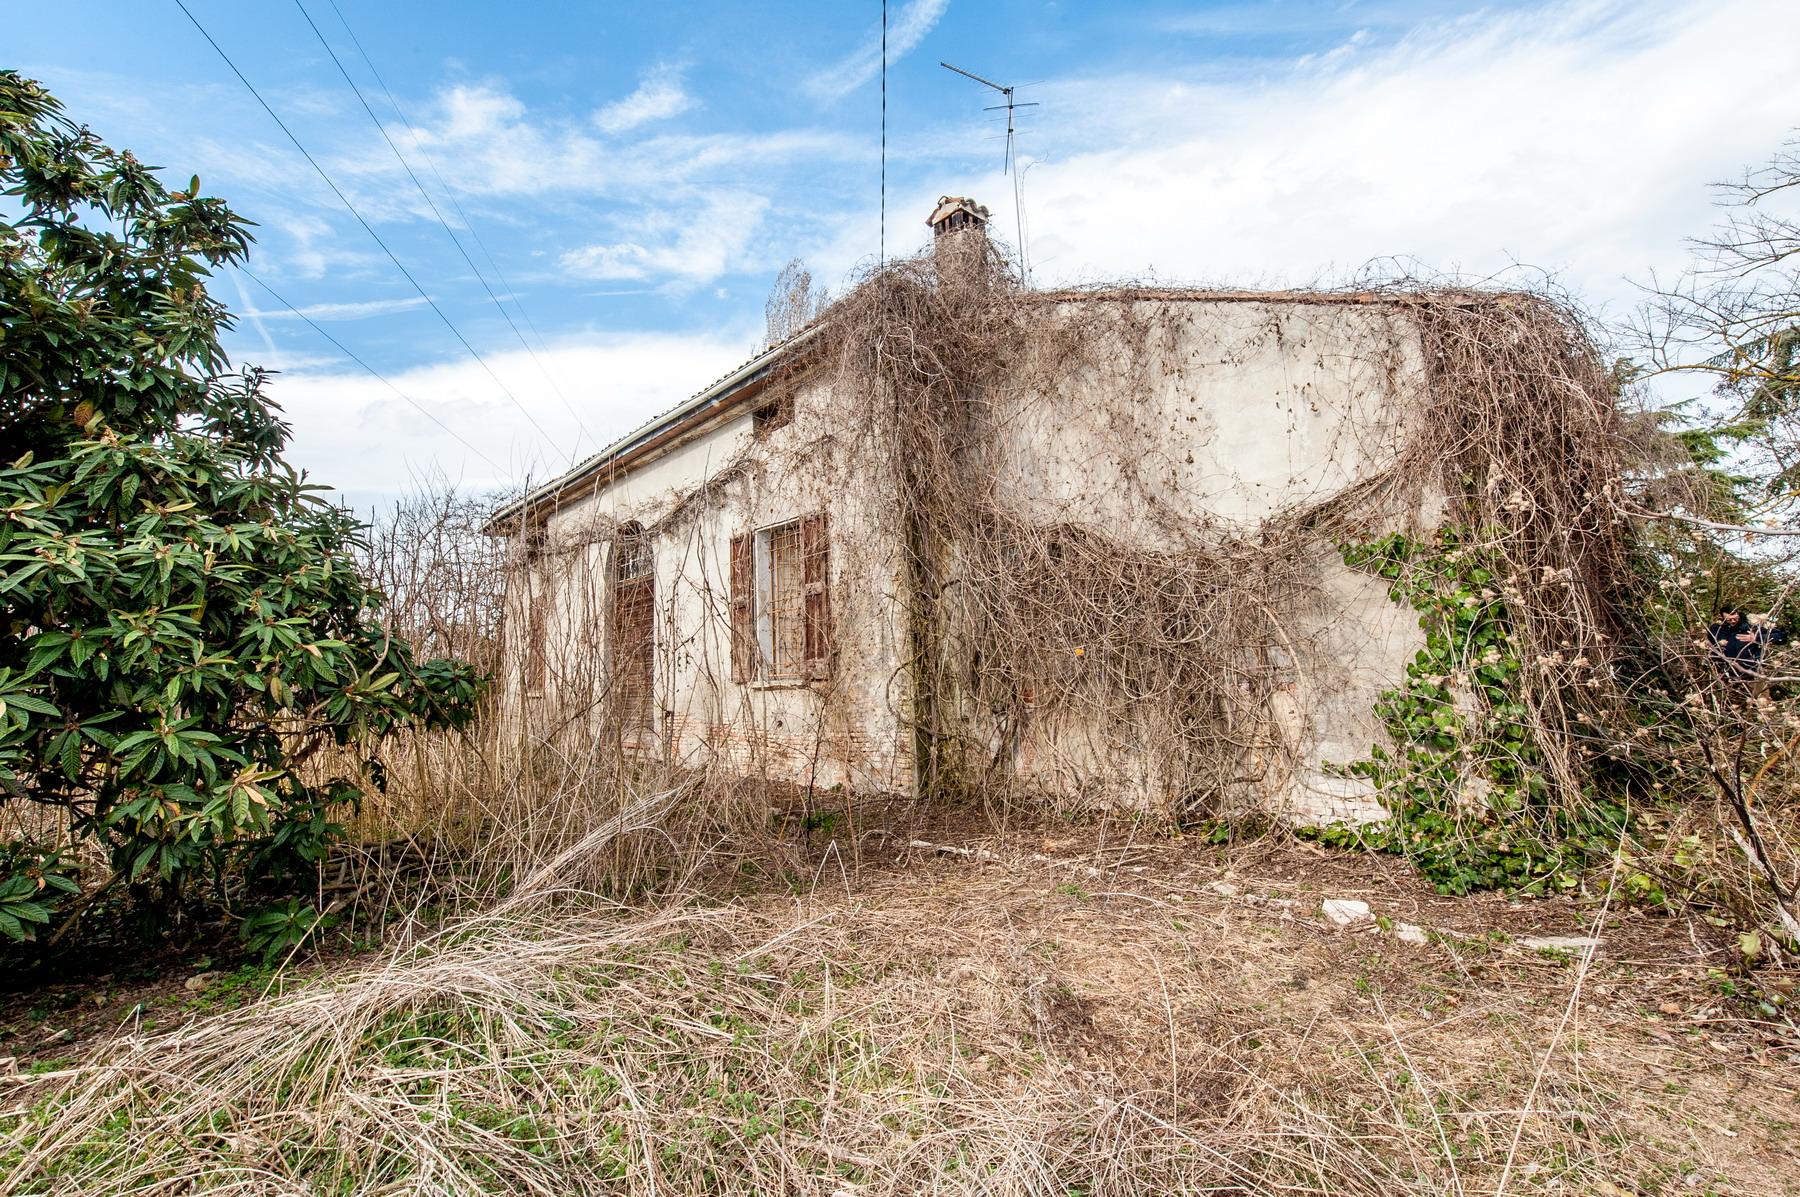 Via Gazza villa padronale di mq. 600 con giardino di 1.550 mq. 160.000